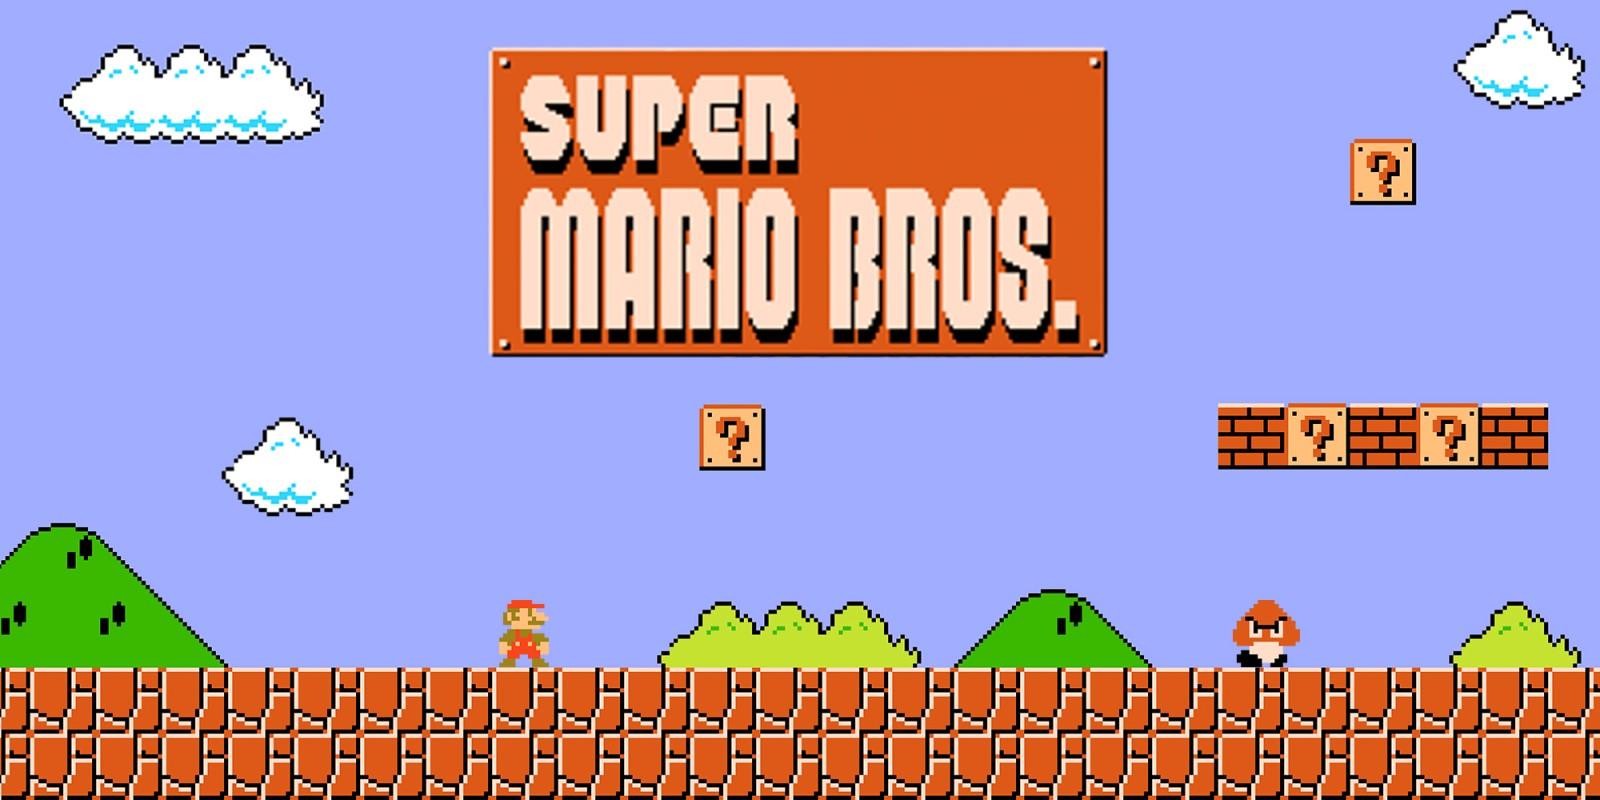 September 13, 1985: Super Mario Bros. Comes To The Famicom